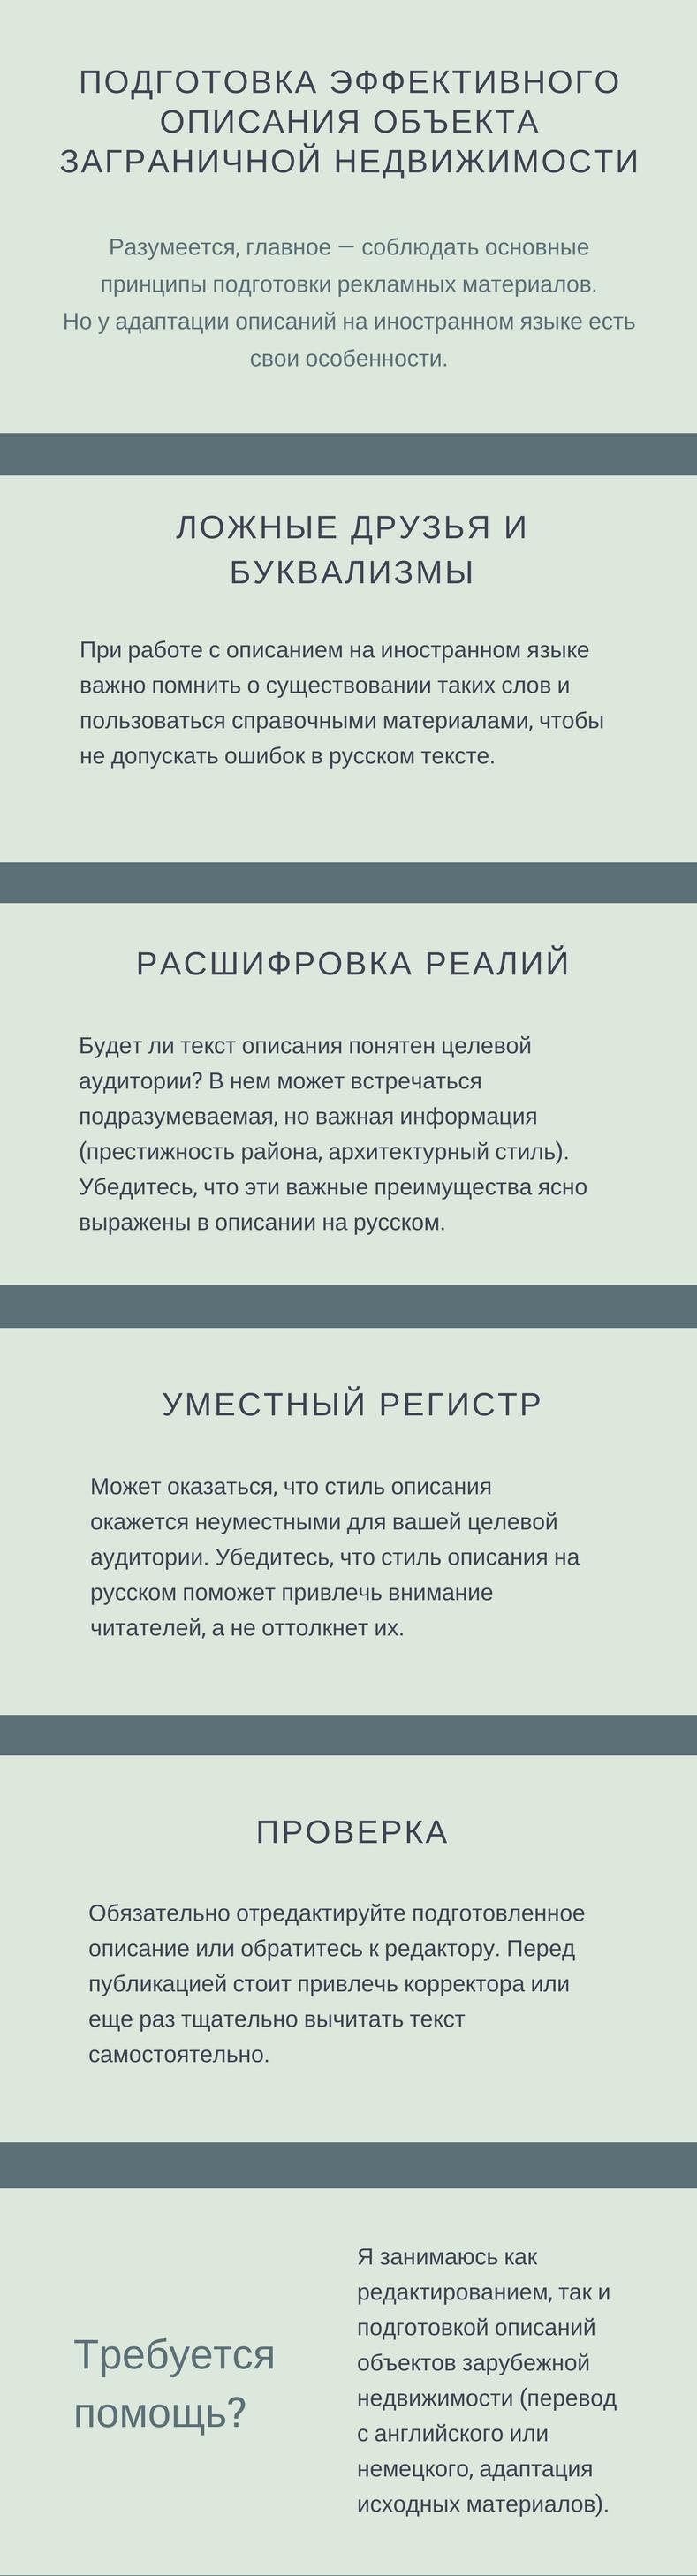 Инфографика: что учитывать при подготовке описания зарубежной недвижимости на русском на основе материалов на иностранном языке.